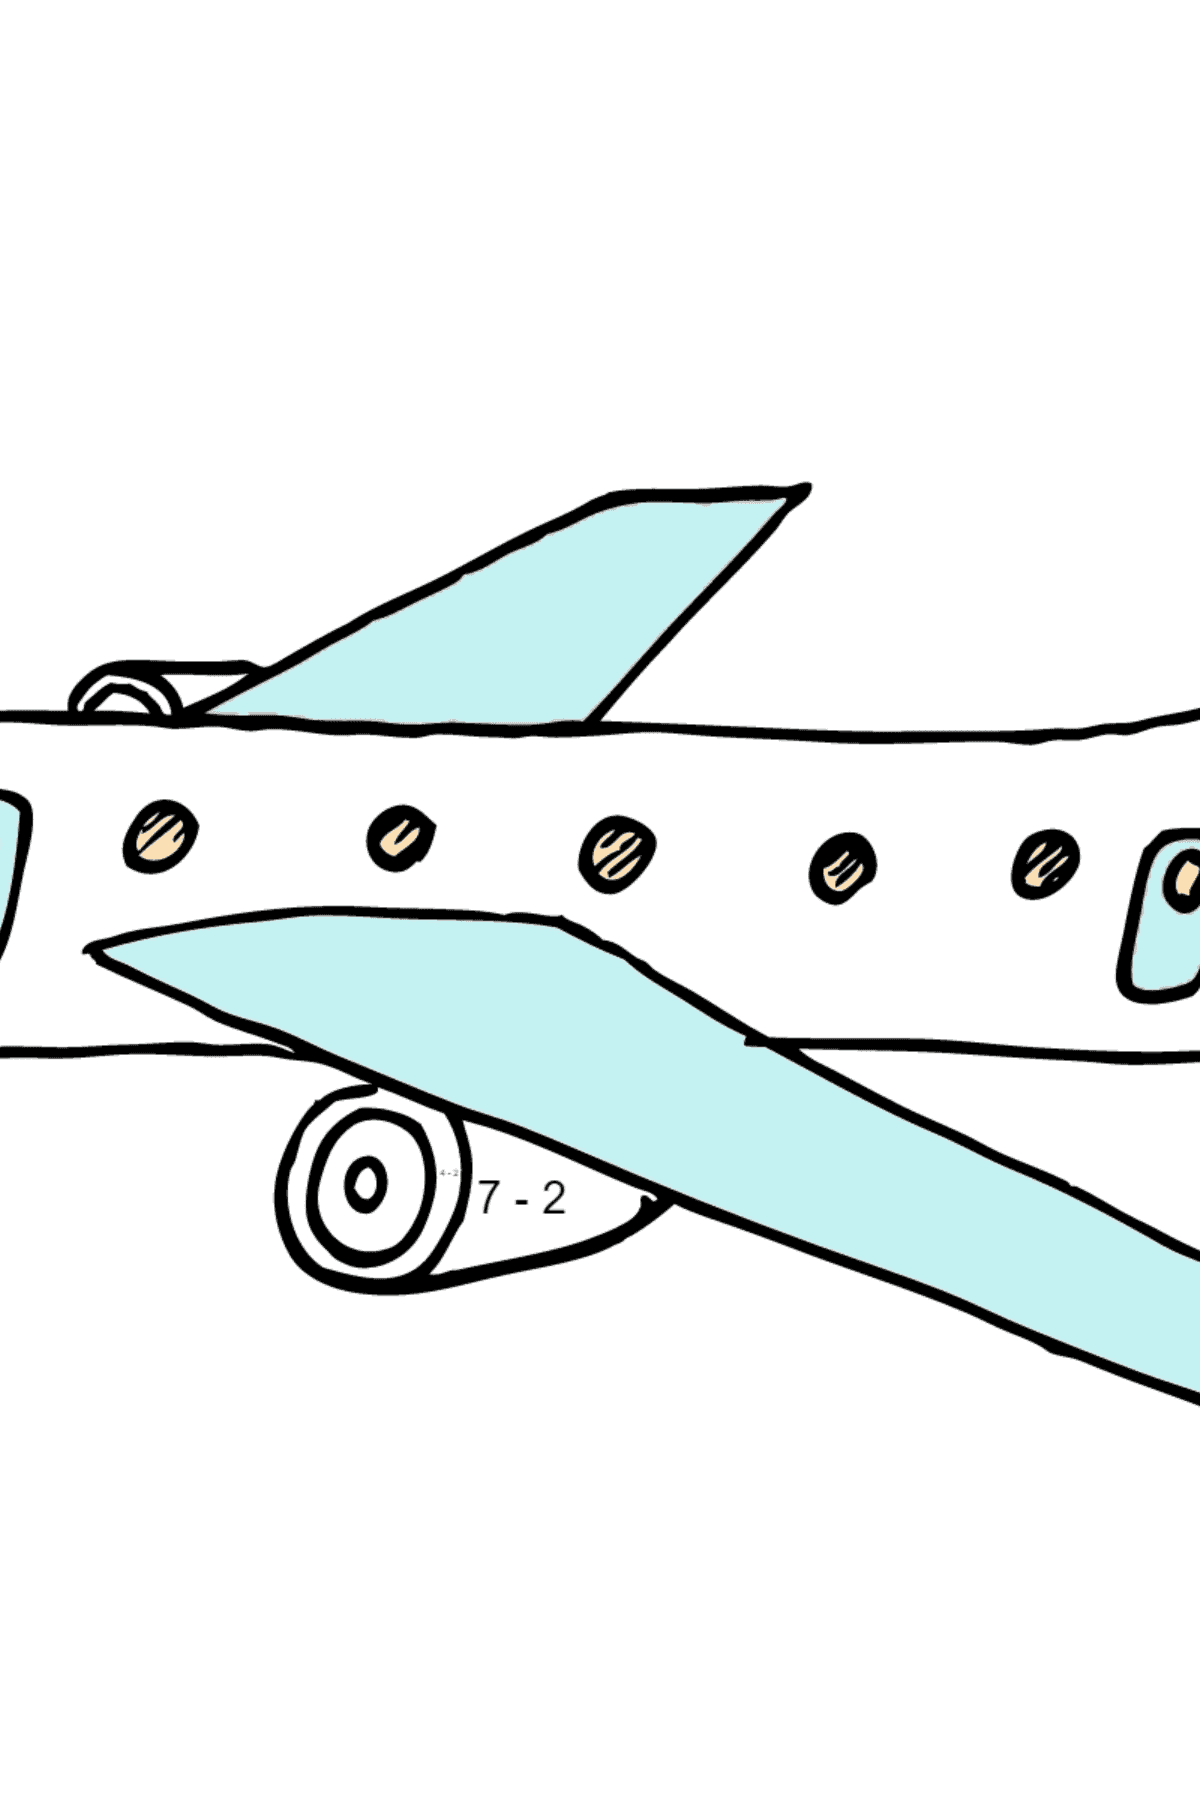 Раскраска пассажирский самолет - Математическая Раскраска - Вычитание для Детей